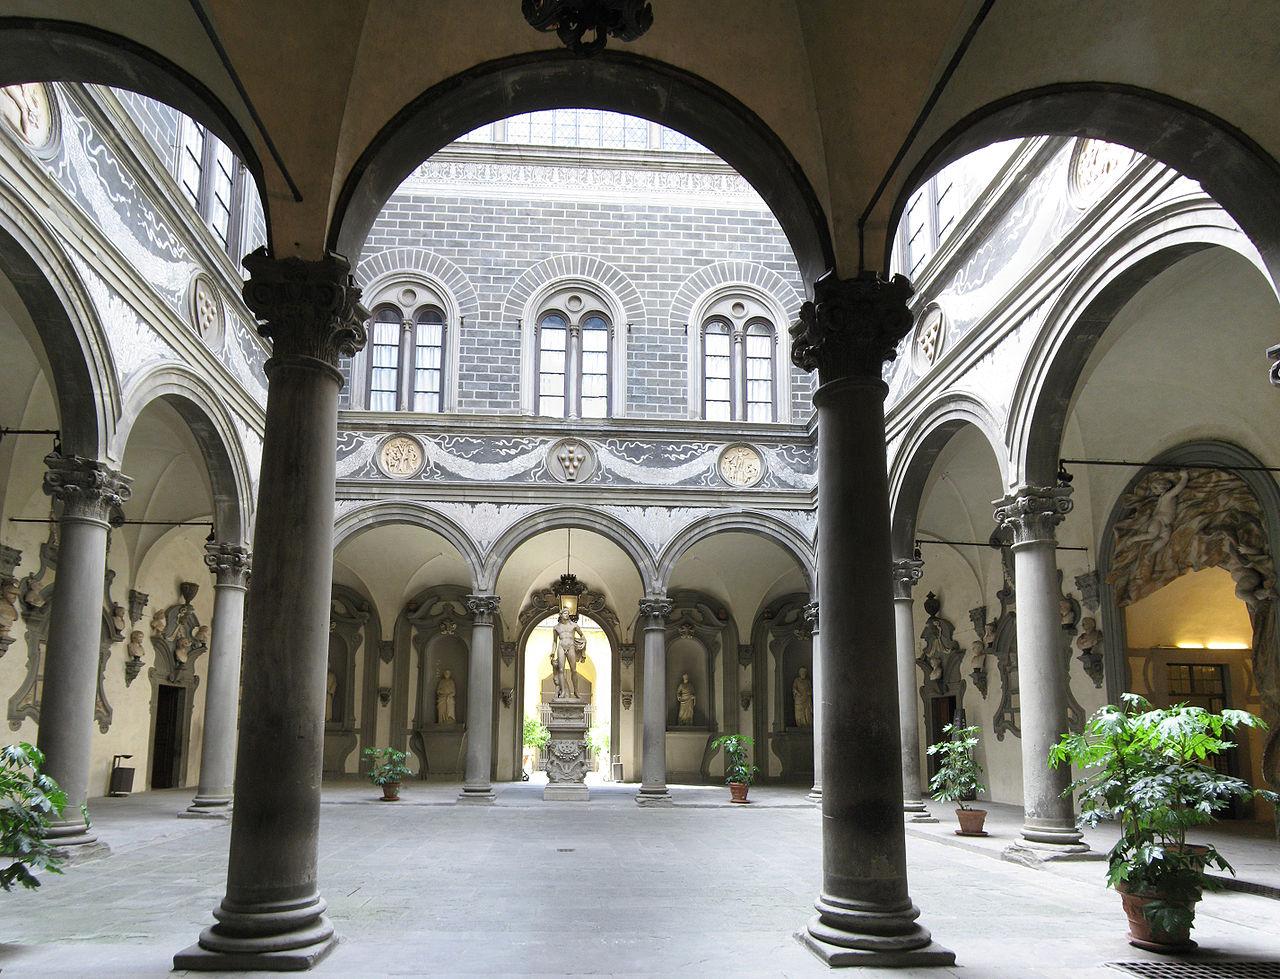 Il Cortile di Michelozzo in Palazzo Medici Riccardi, sede della Città Metropolitana di Firenze